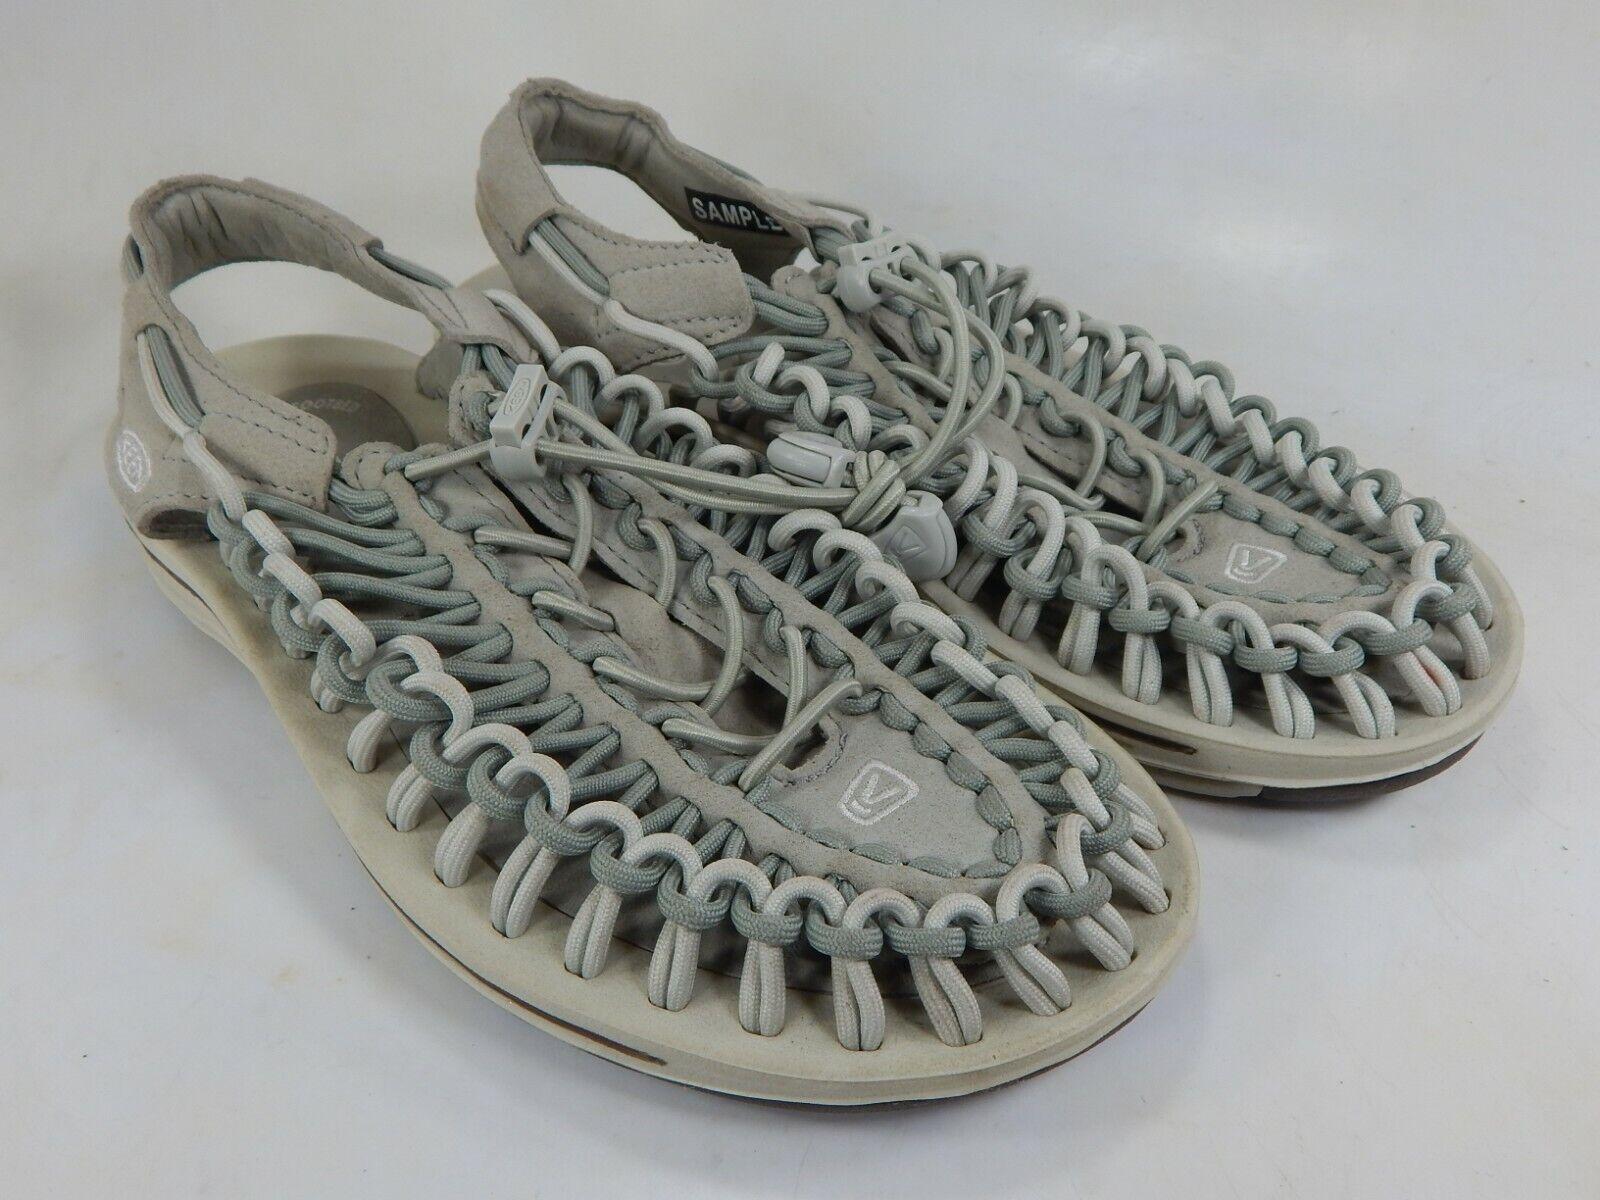 Keen Uneek Taille 7 M (B) Eu 37.5 Sport femmes chaussures Sandales London